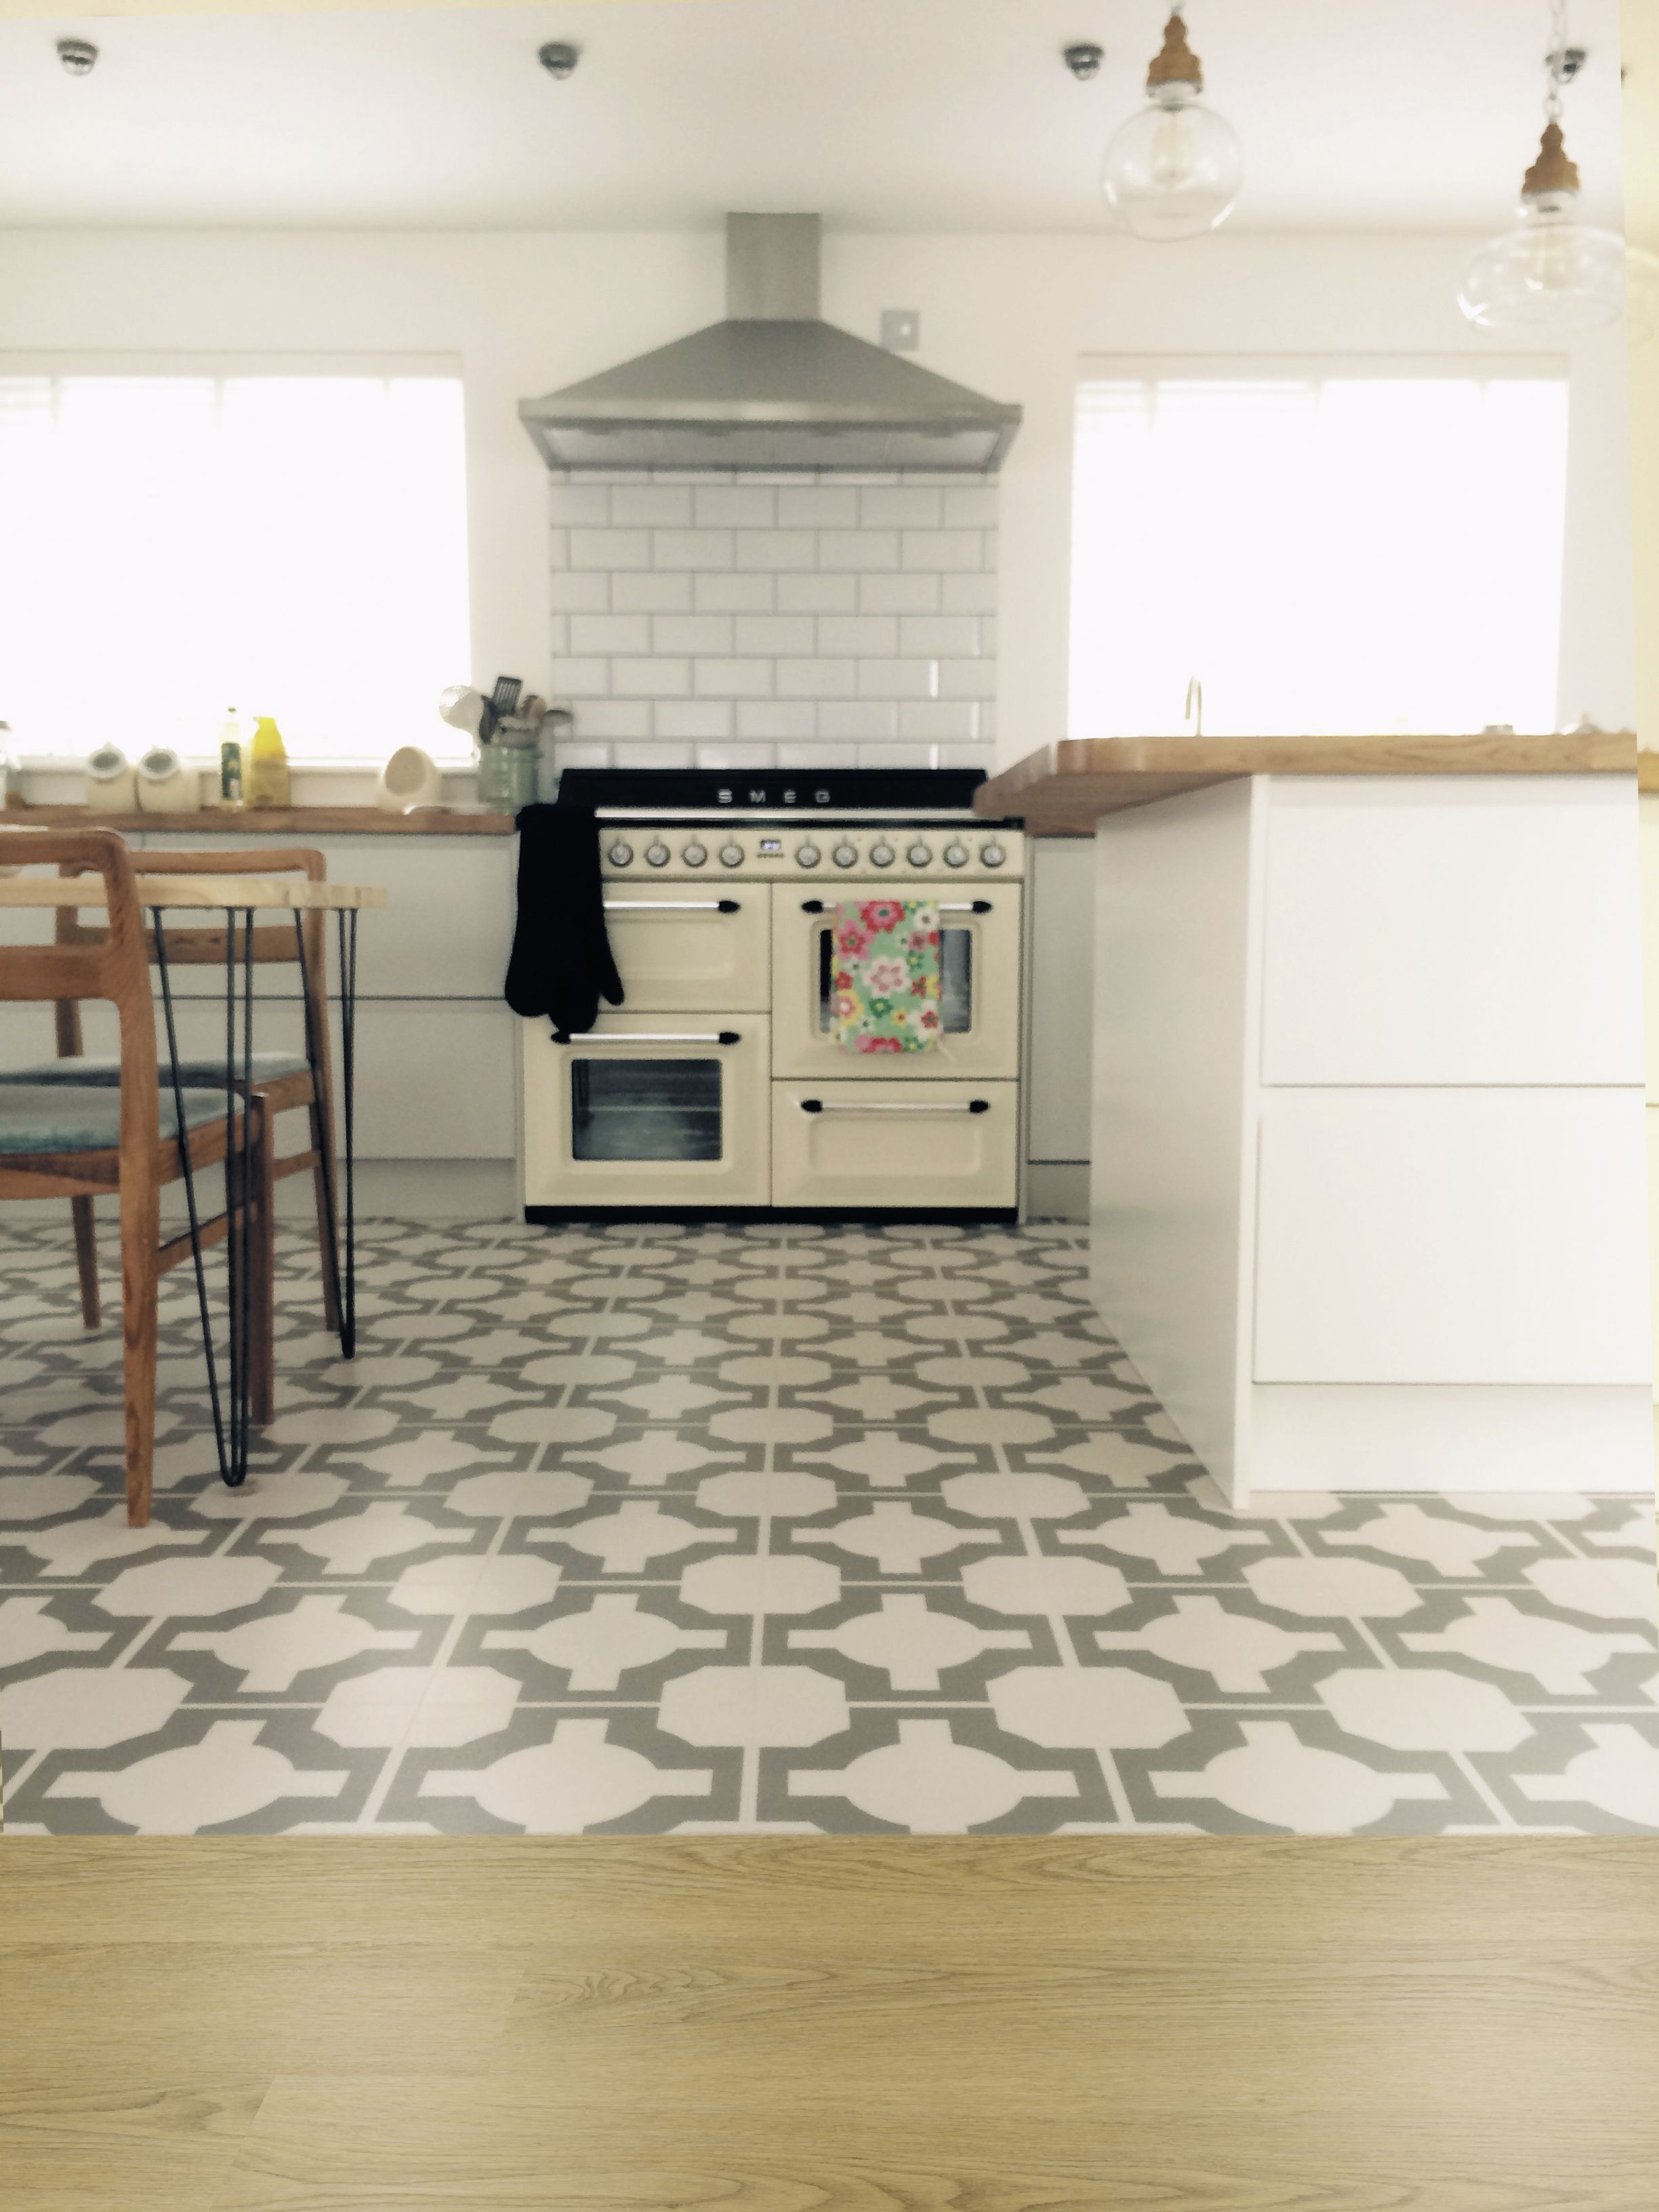 vinyl flooring kitchen Explore Ground Kitchen Ideas and more